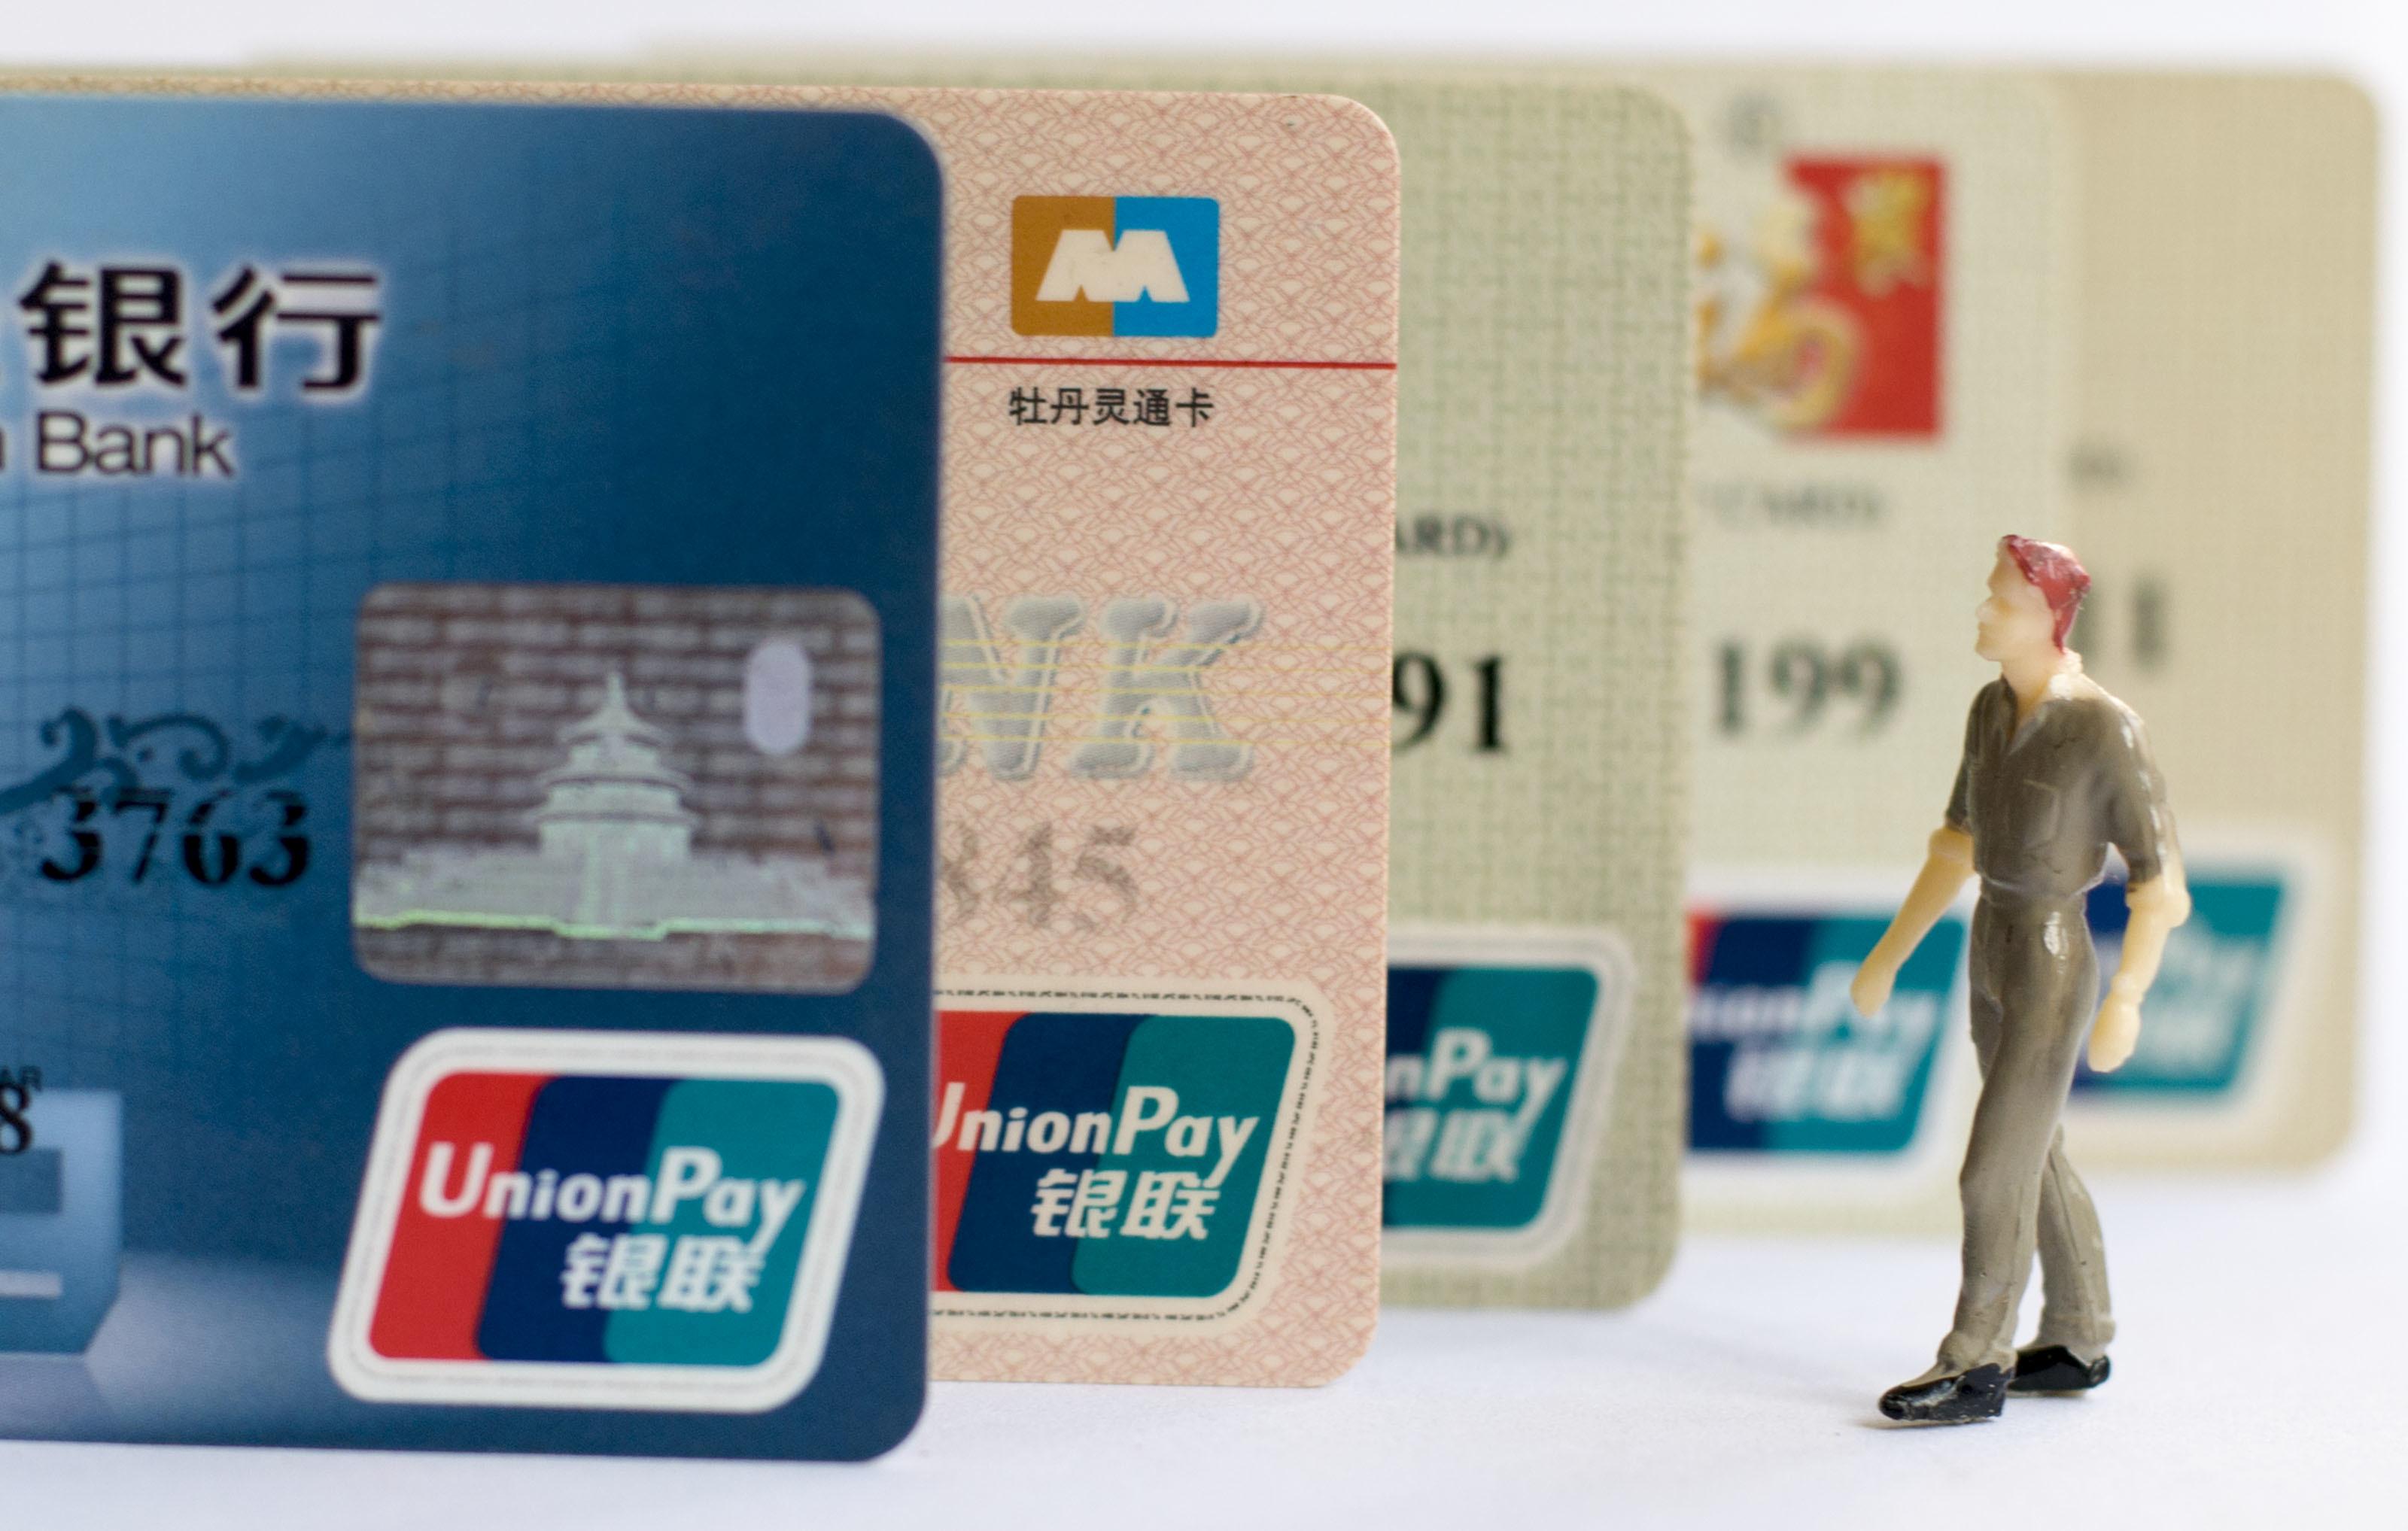 信用卡欠款还不上,会被追究刑事责任吗?